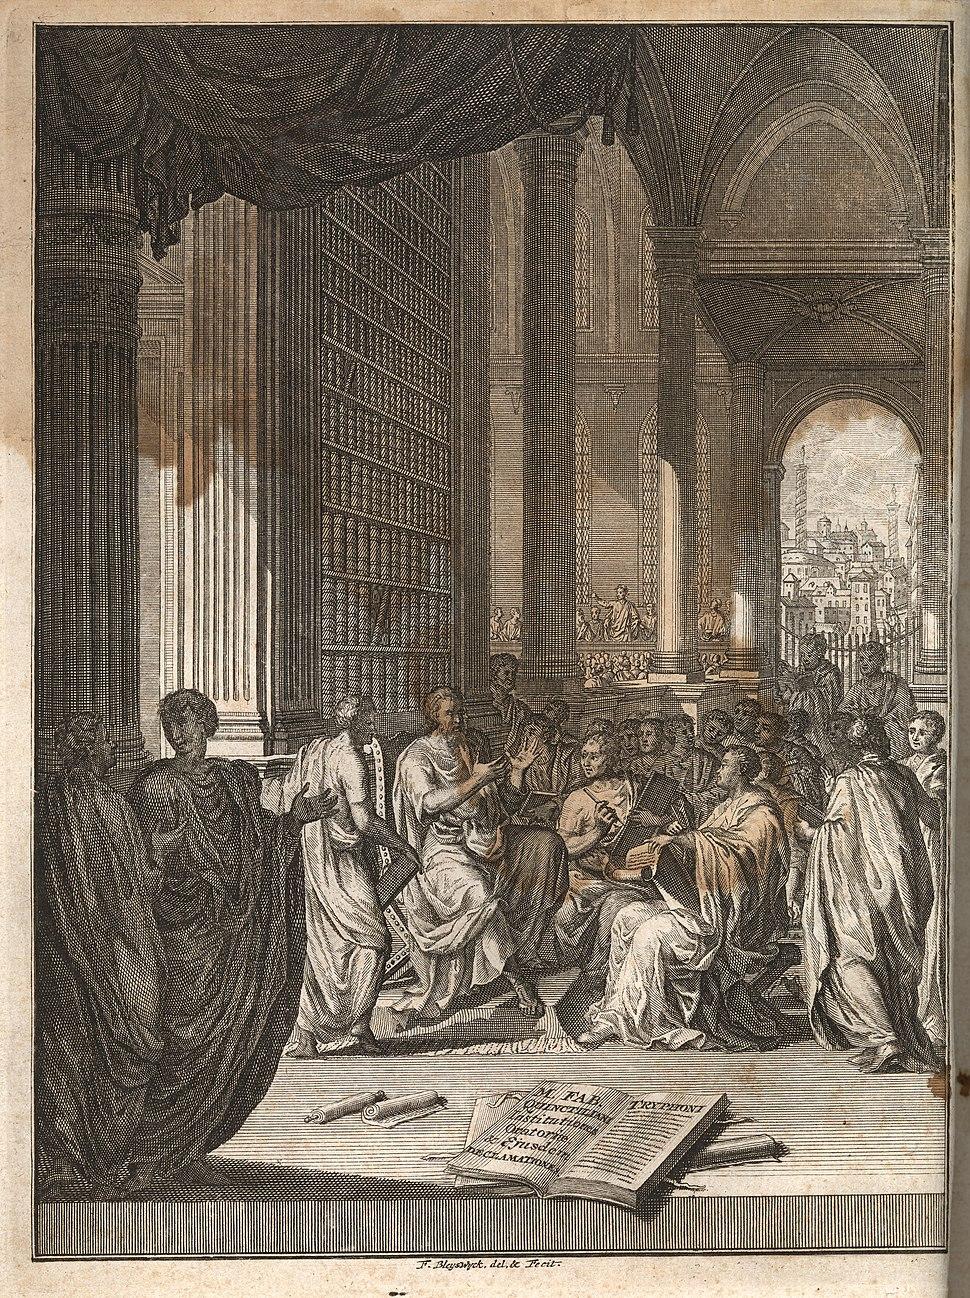 Quintilian, Institutio oratoria ed. Burman (Leiden 1720), frontispiece